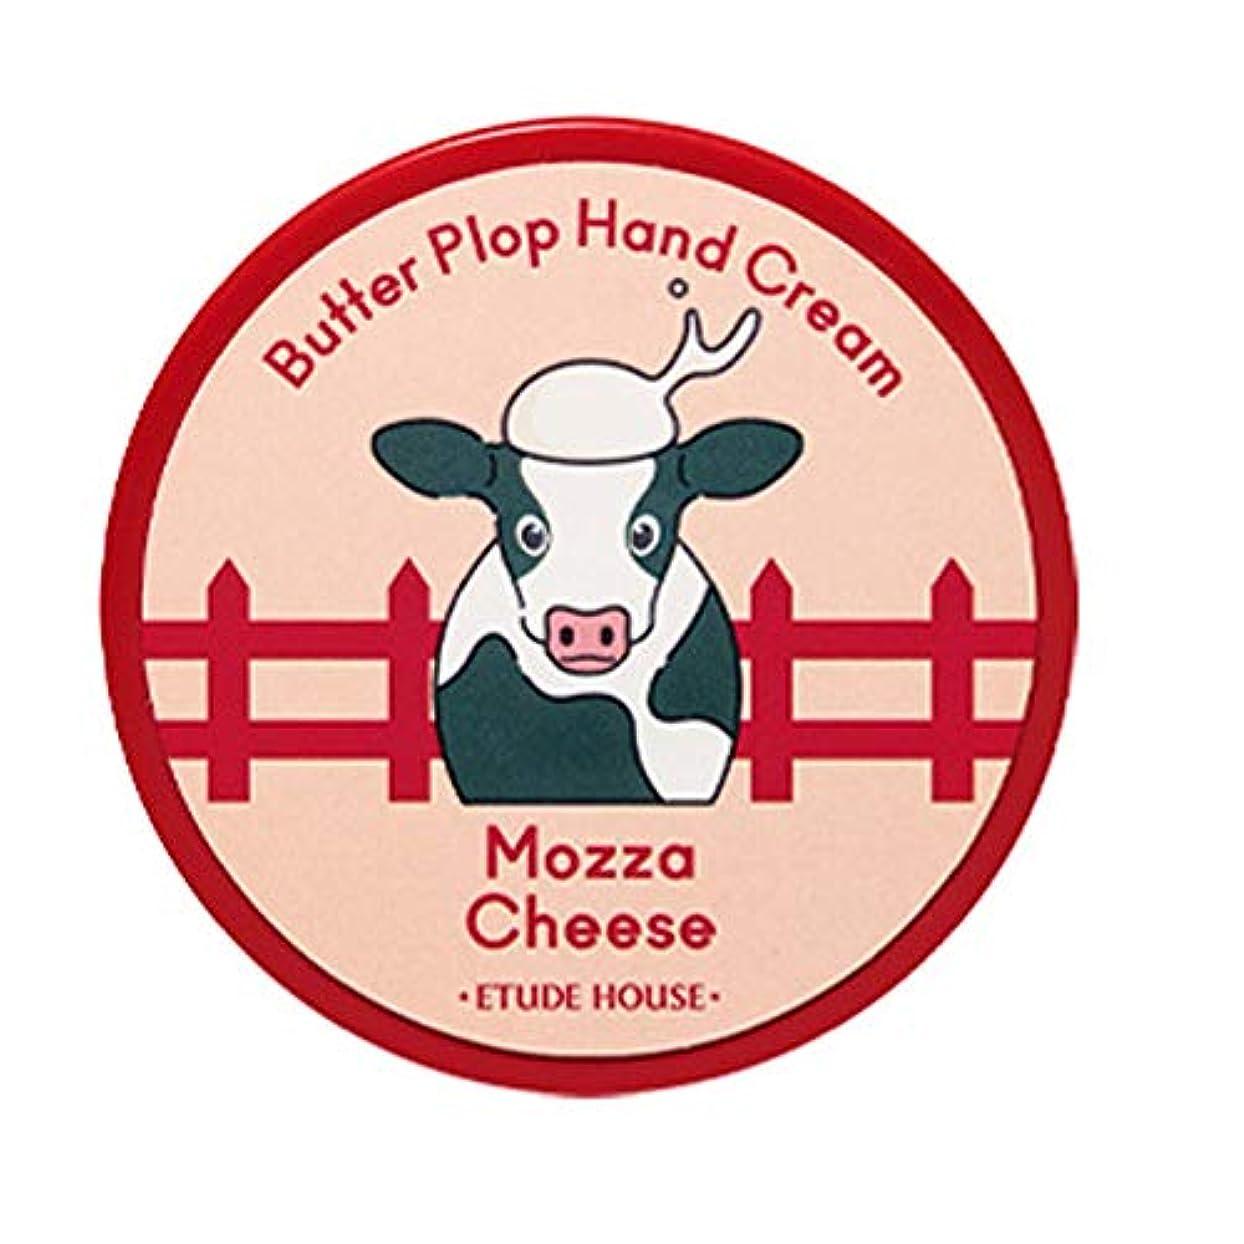 翻訳コンドームすすり泣きEtude House Butter Plop Hand Cream 25ml エチュードハウス バターぽちゃんハンドクリーム (#03 Mozza Cheese) [並行輸入品]